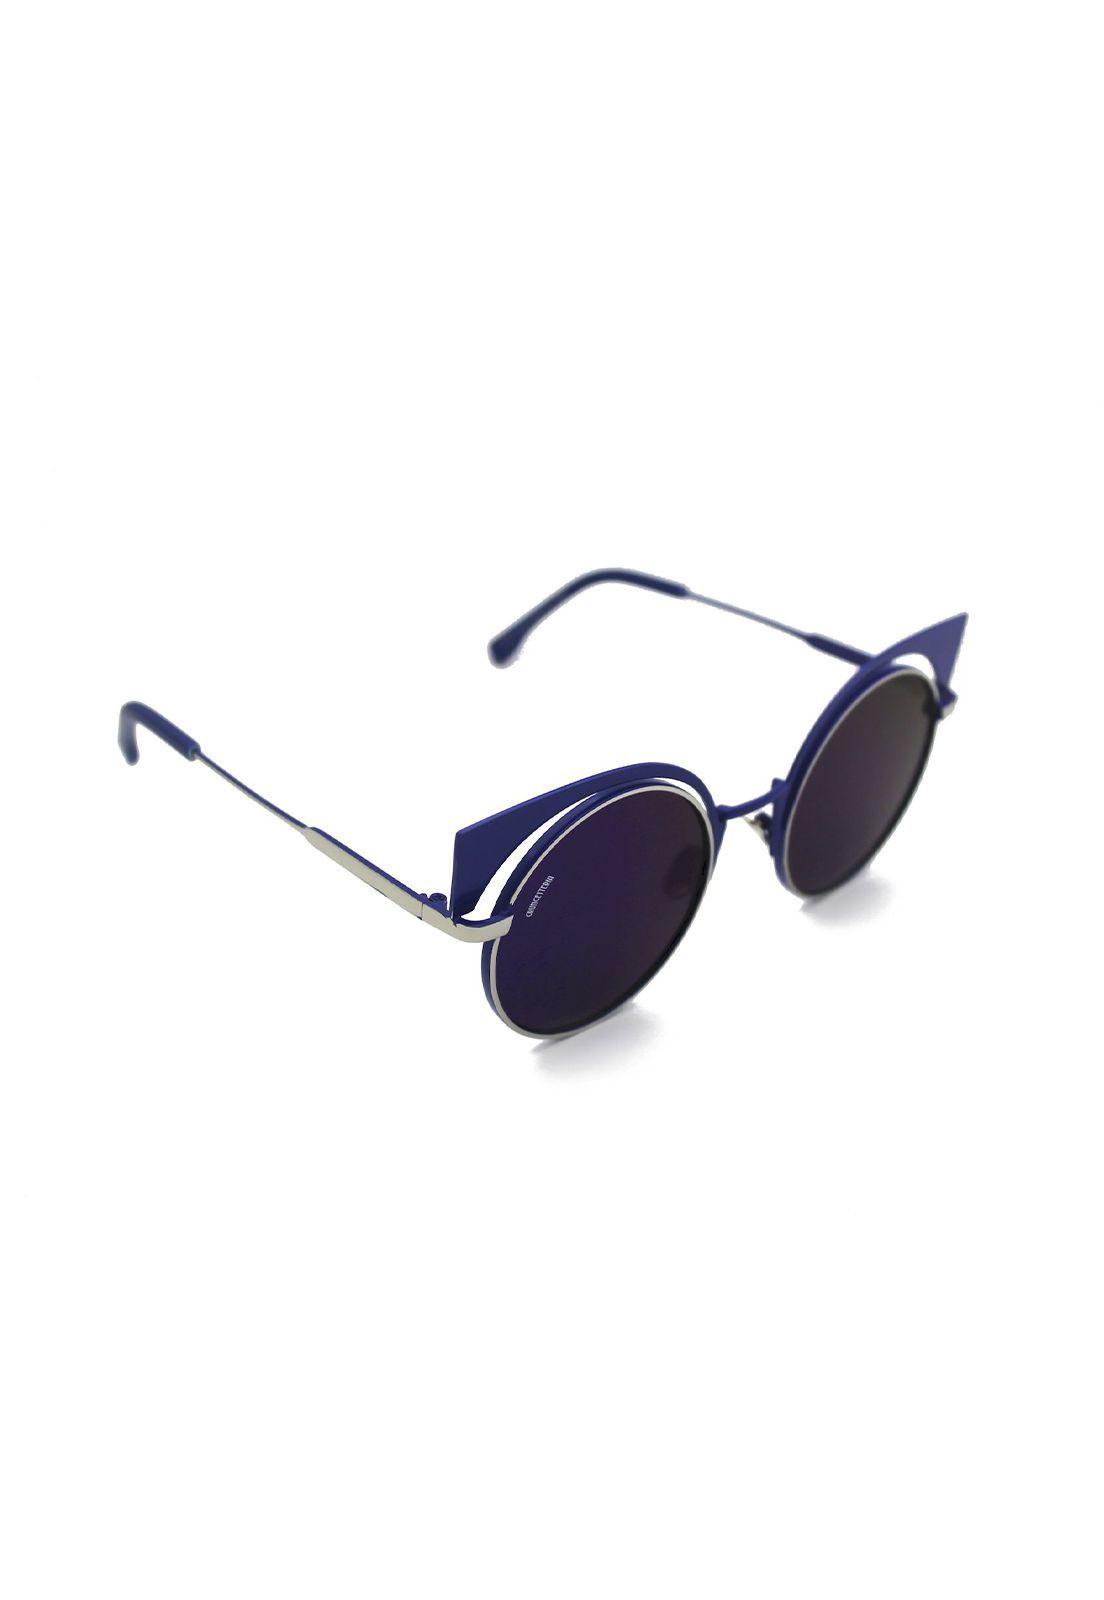 Óculos de Sol Grungetteria Cat Empire Céu